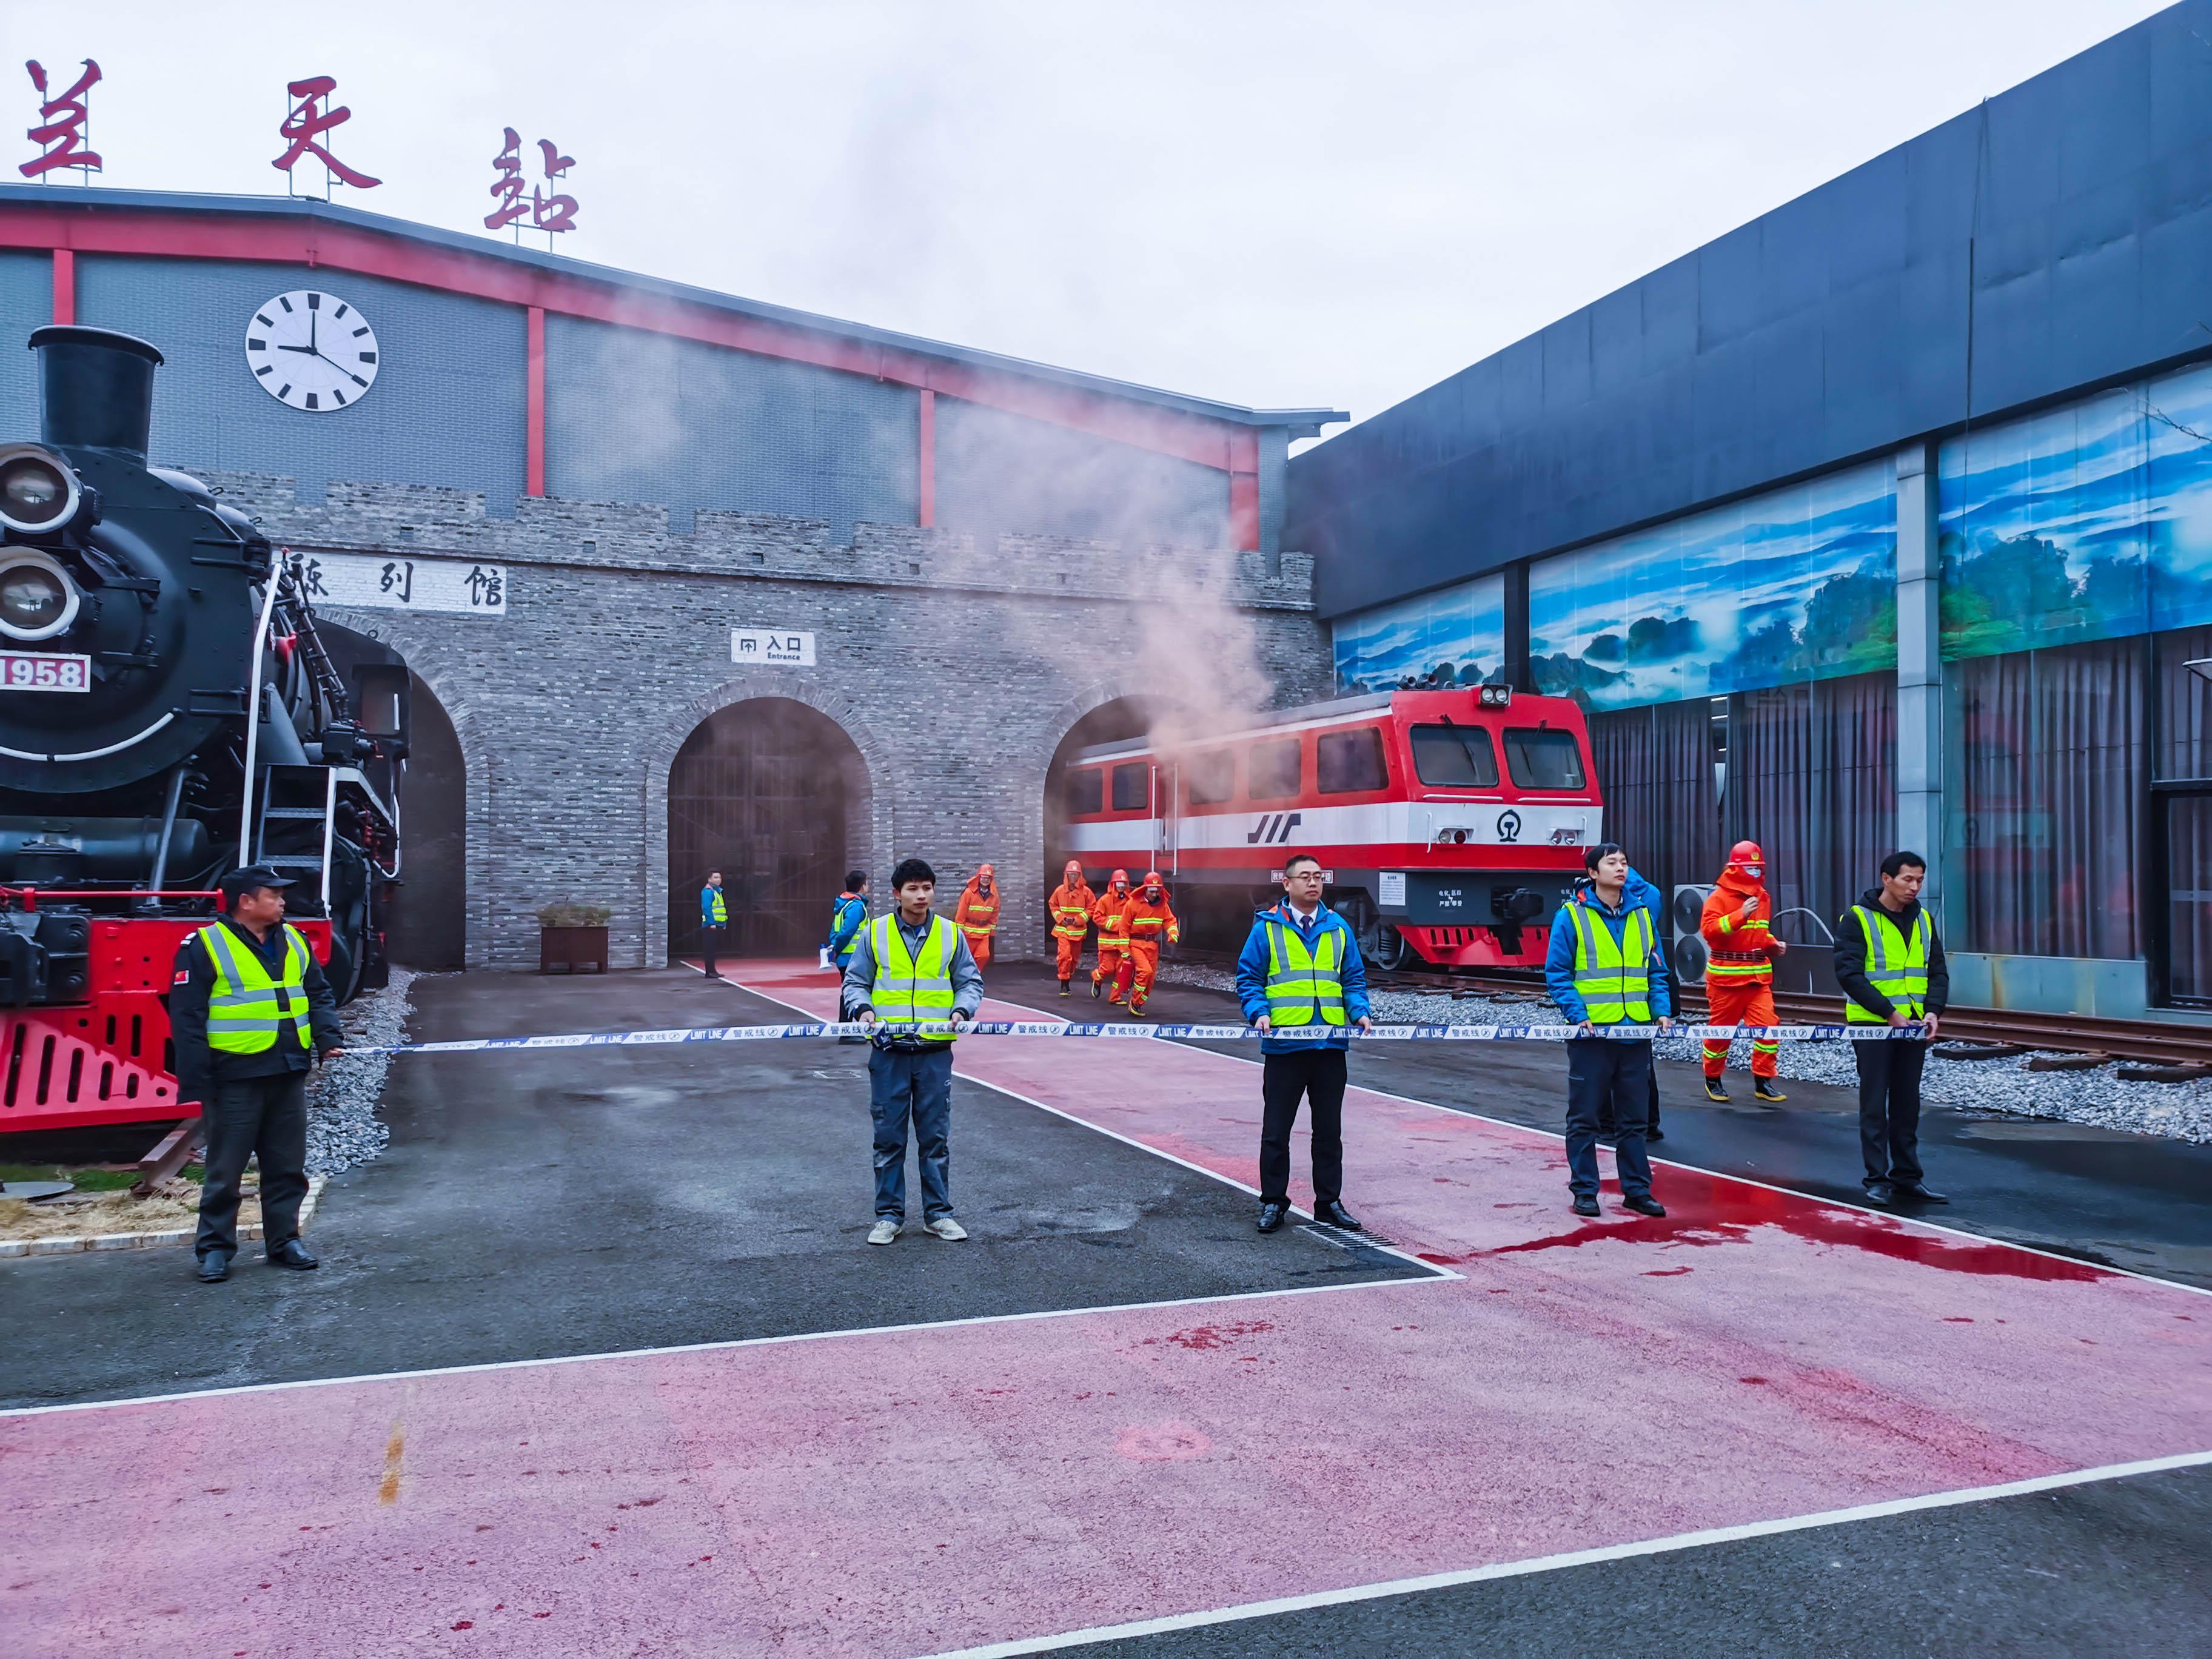 珍爱生命,防患于未然——兰天集团党支部组织全体员工开展消防培训及疏散演练